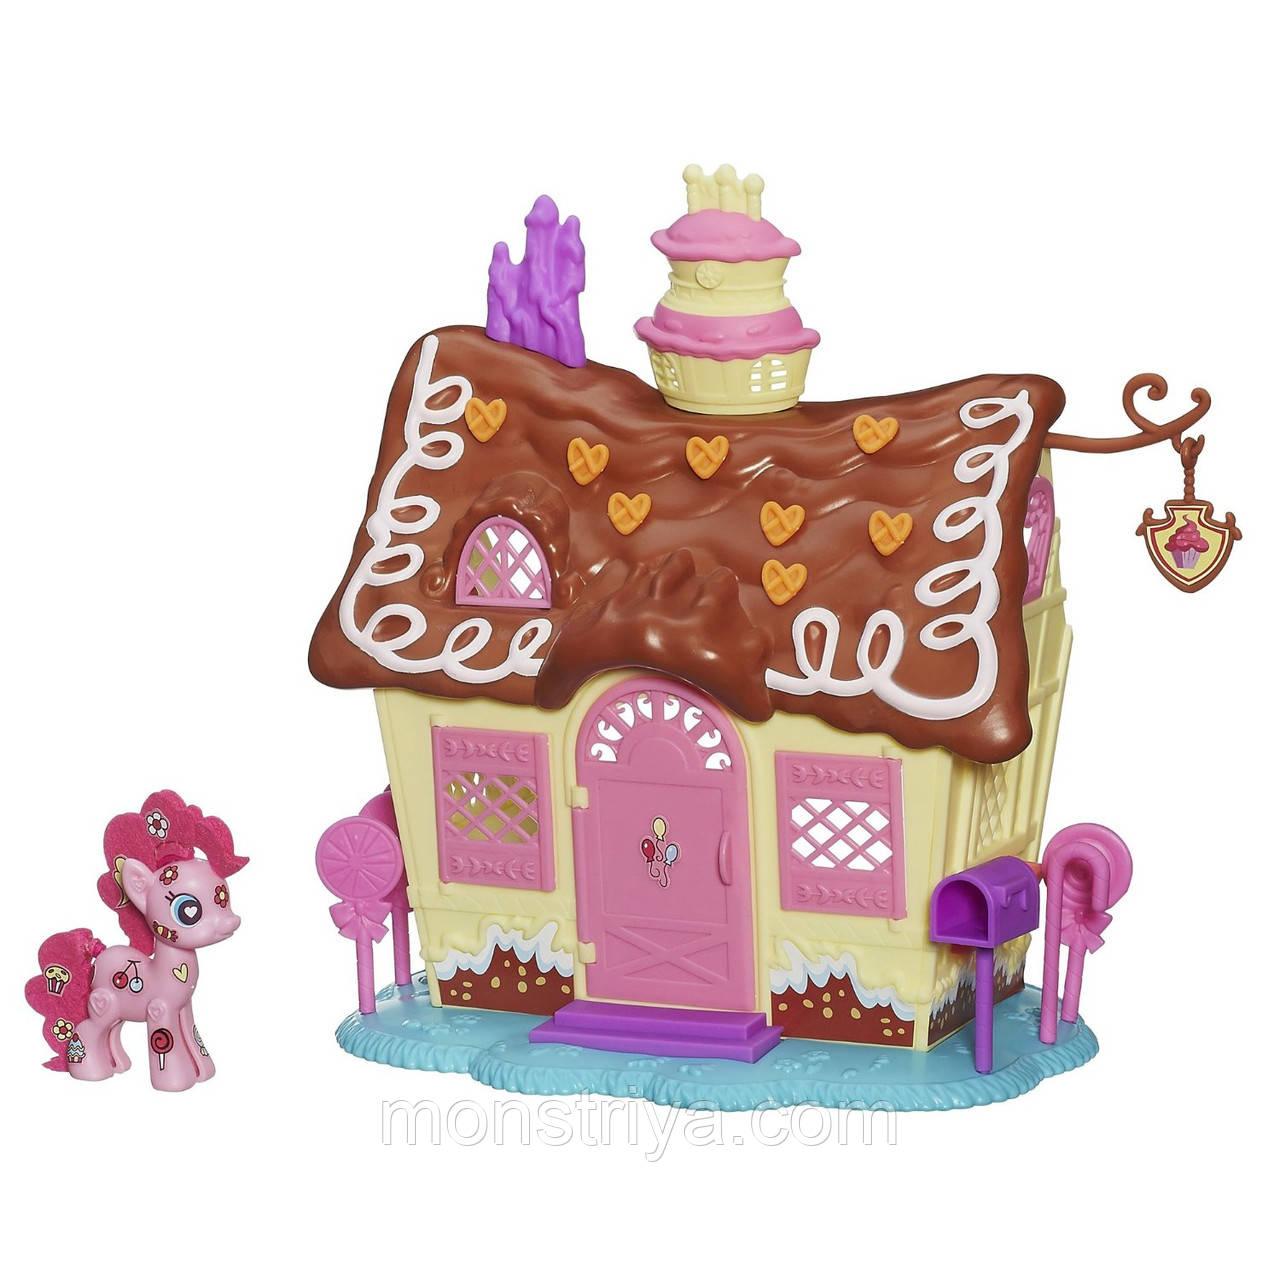 """Игровой набор """"Пряничный домик"""" Пинки пай, Май Литл Пони, My Little Pony"""